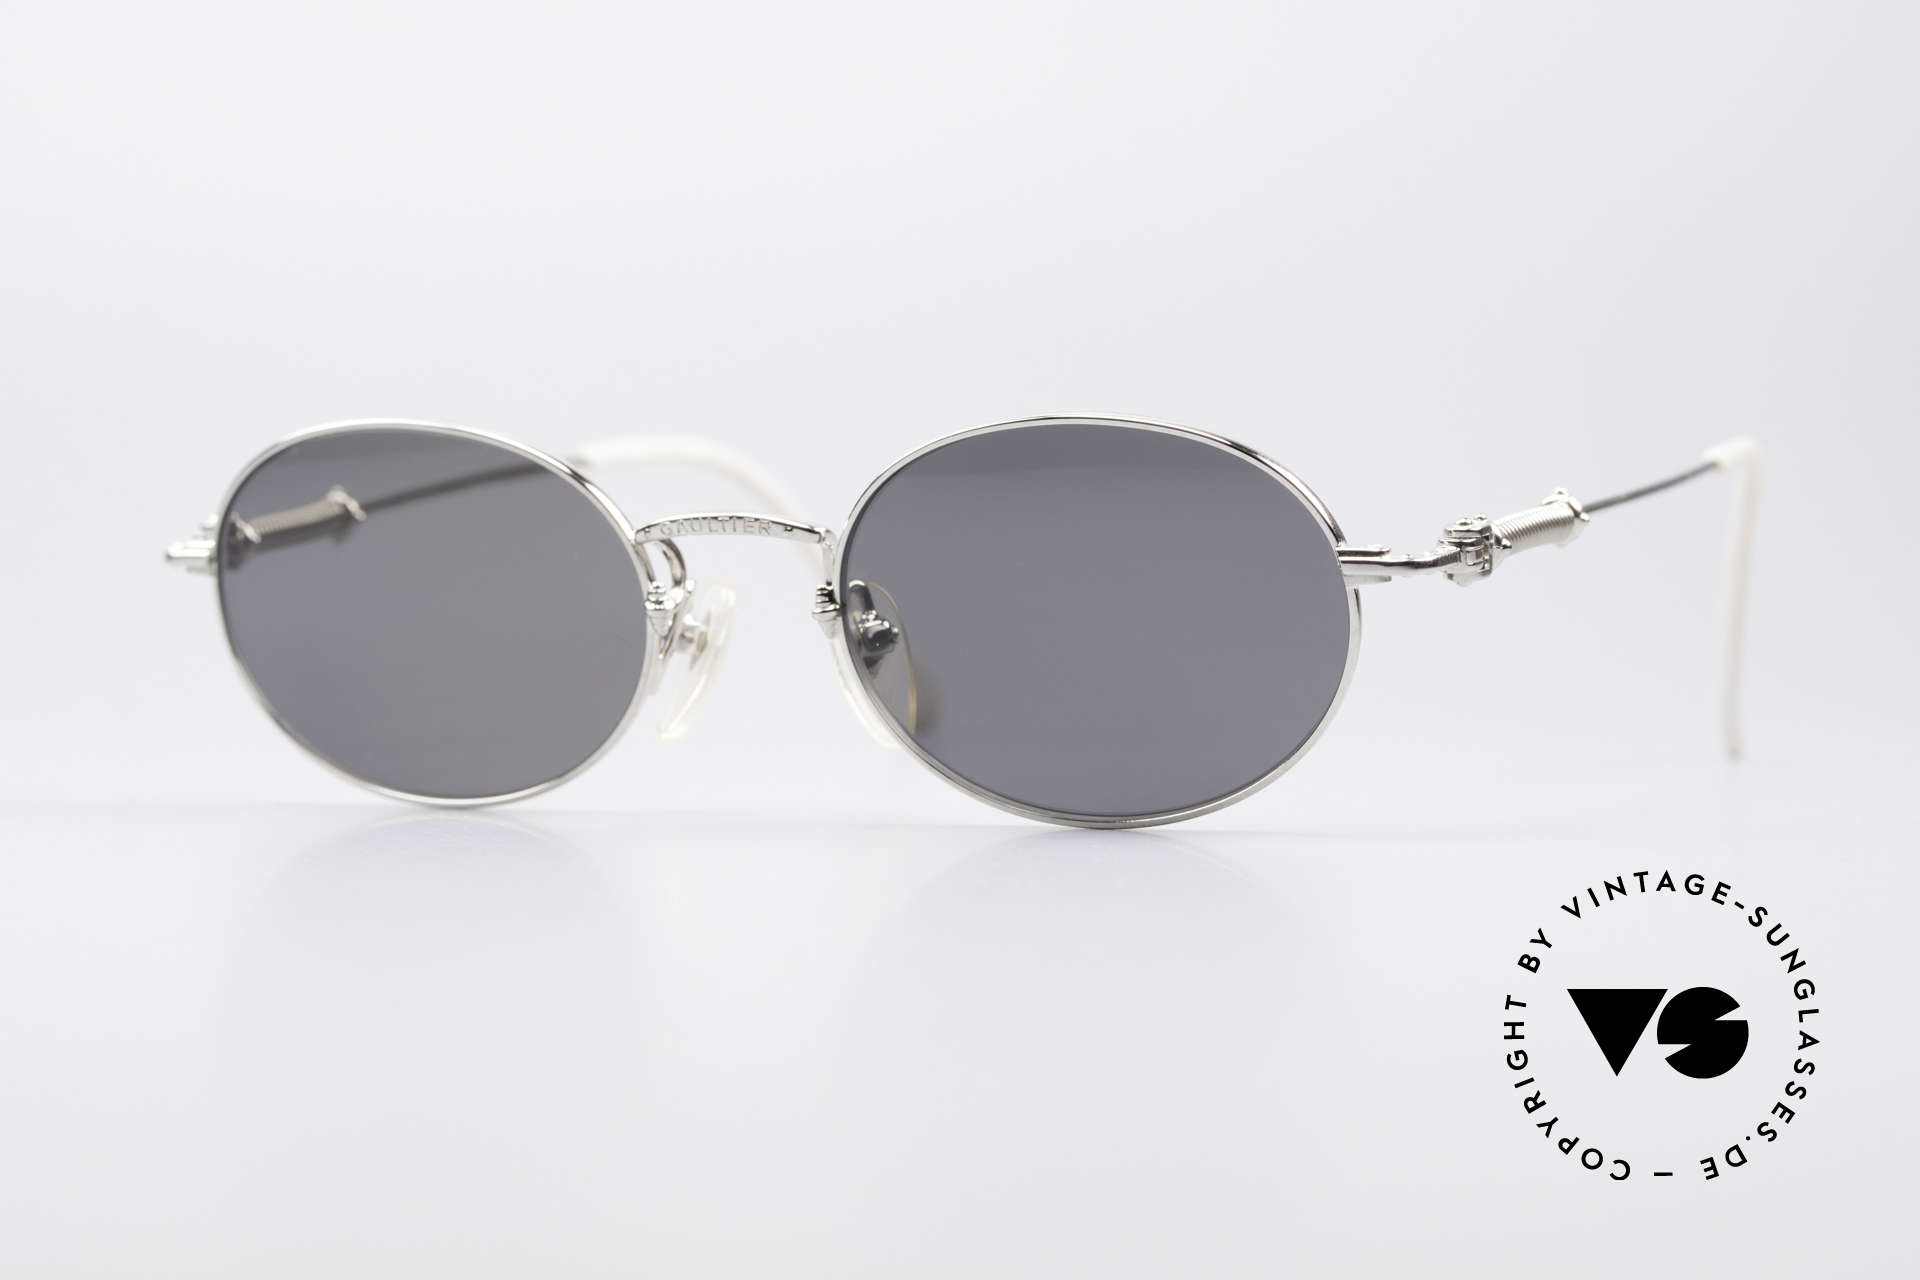 Jean Paul Gaultier 55-6101 Ovale Brille Polarisierend, ovale J.P. Gaultier vintage Sonnenbrille von 1996, Passend für Herren und Damen